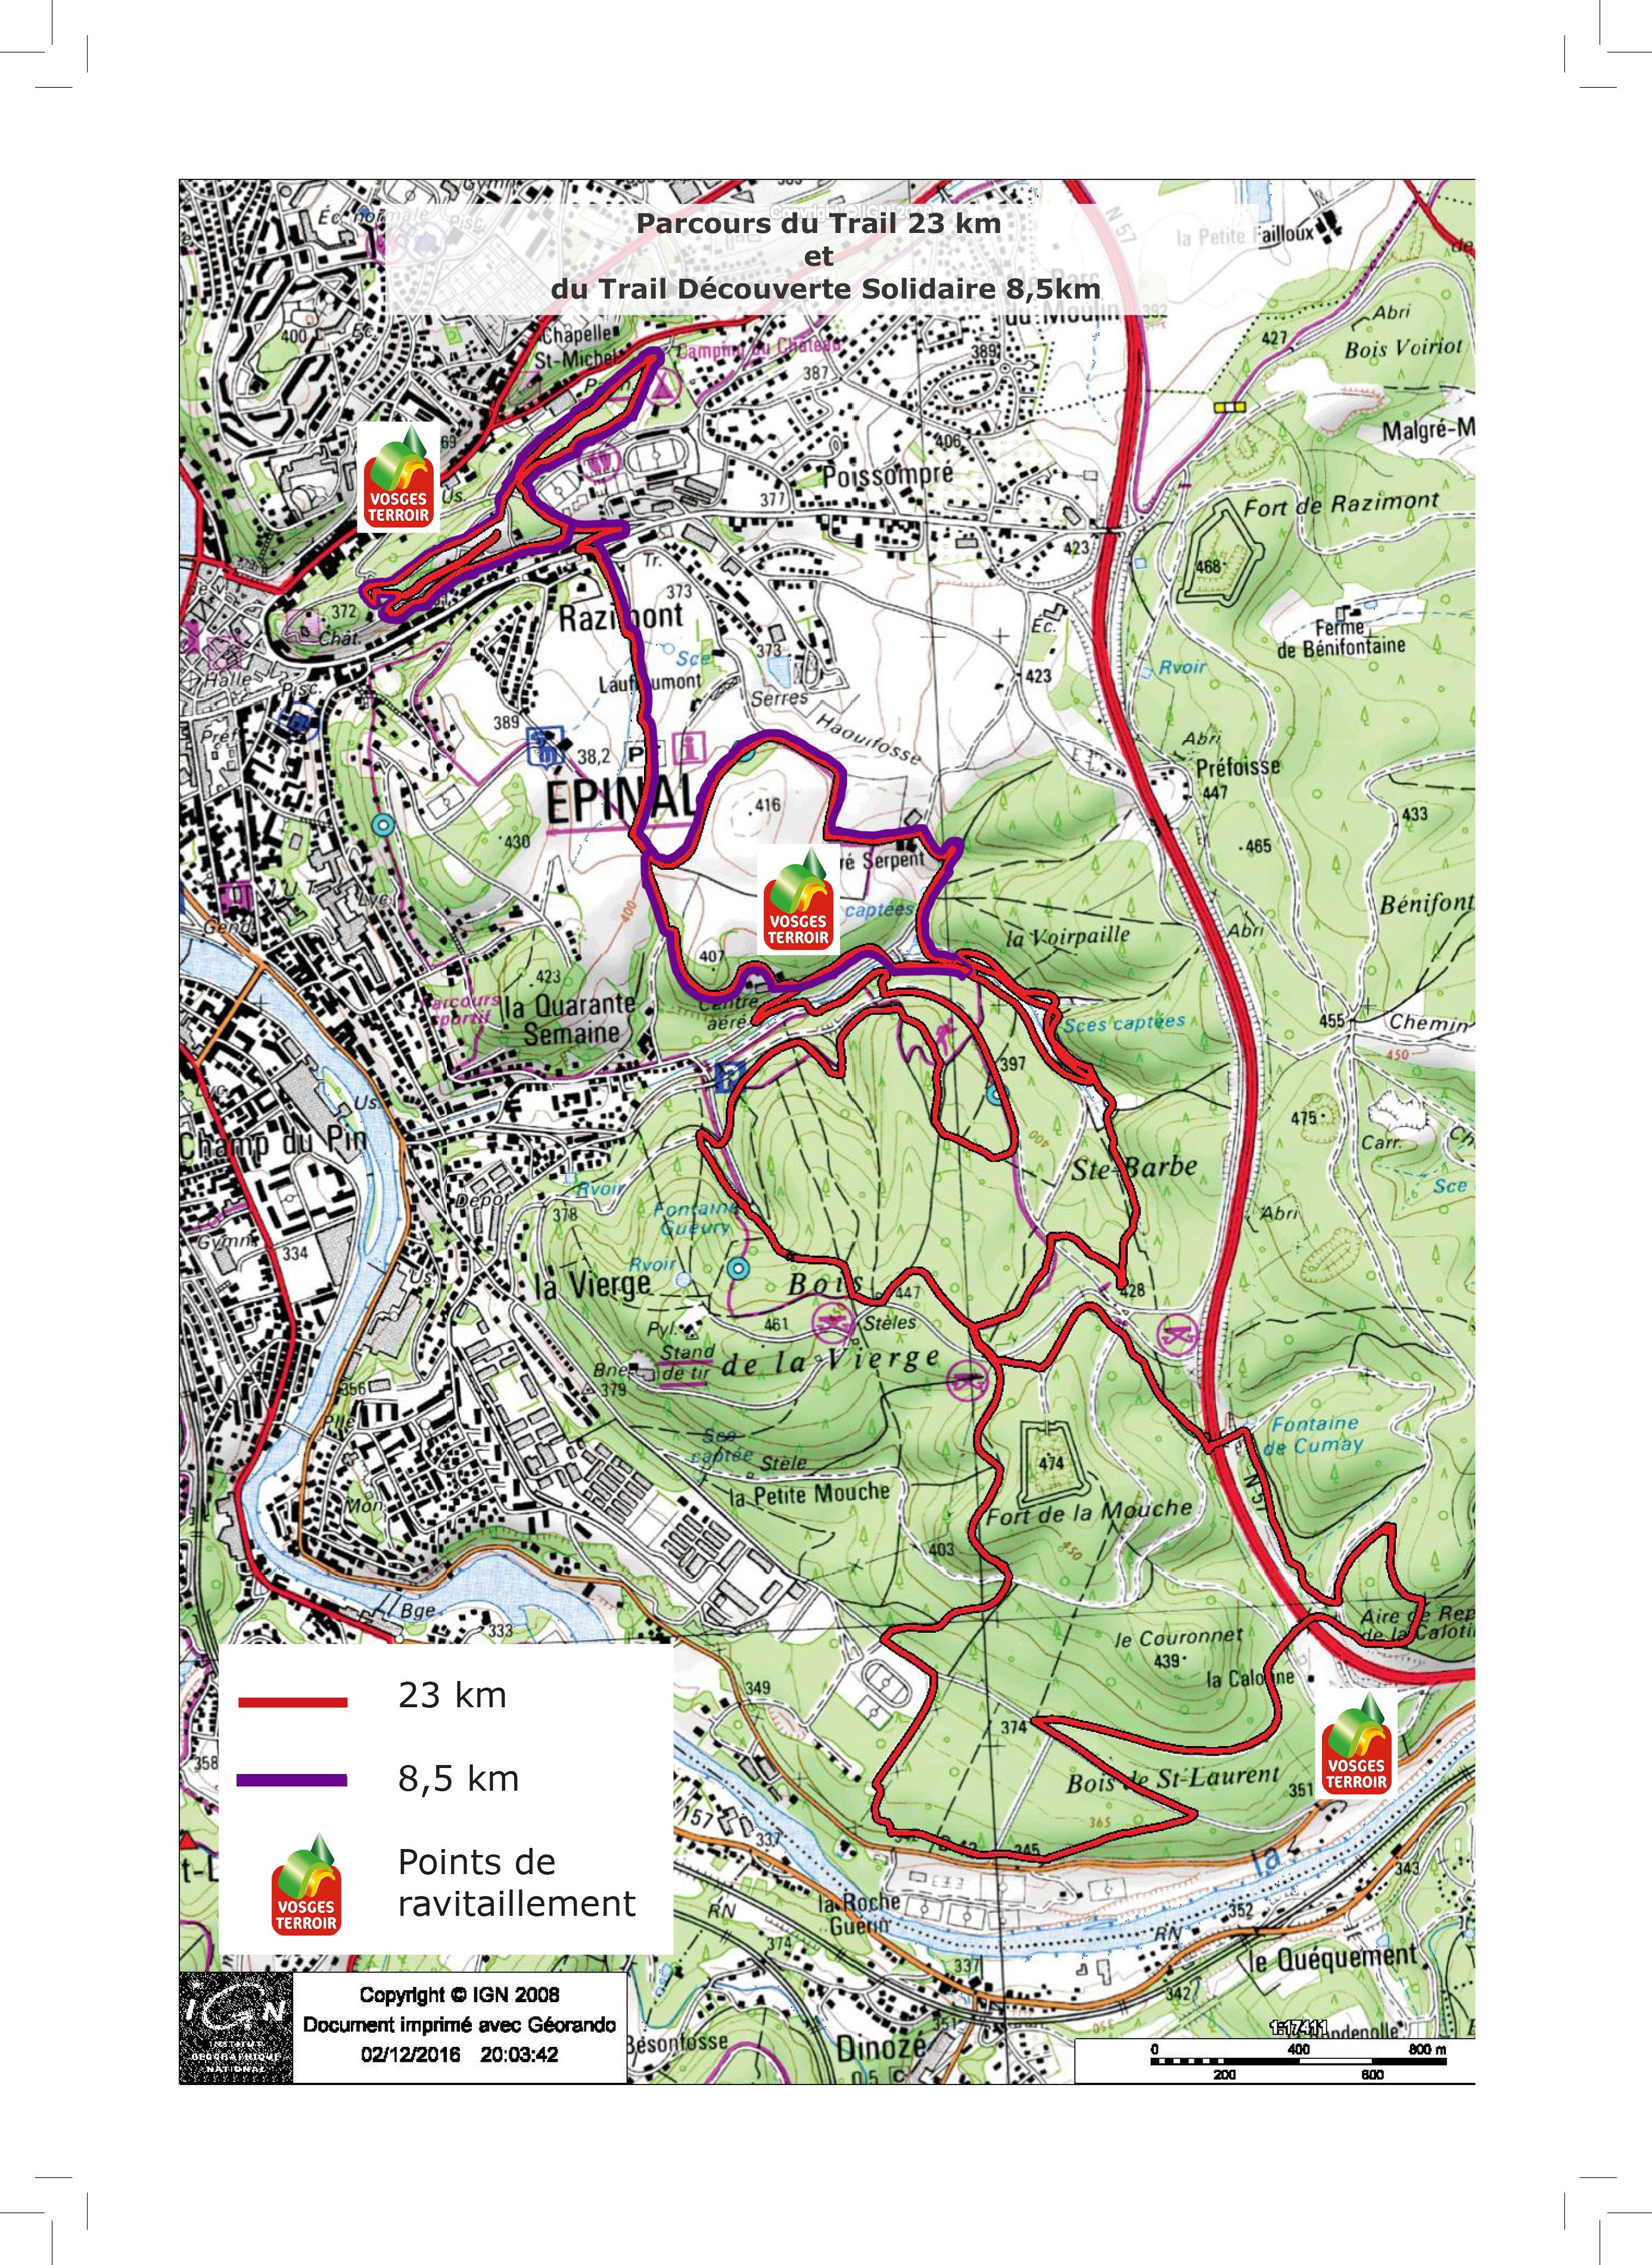 chambre d'agriculture des vosges :: parcours trail 23 km et 8.5 km